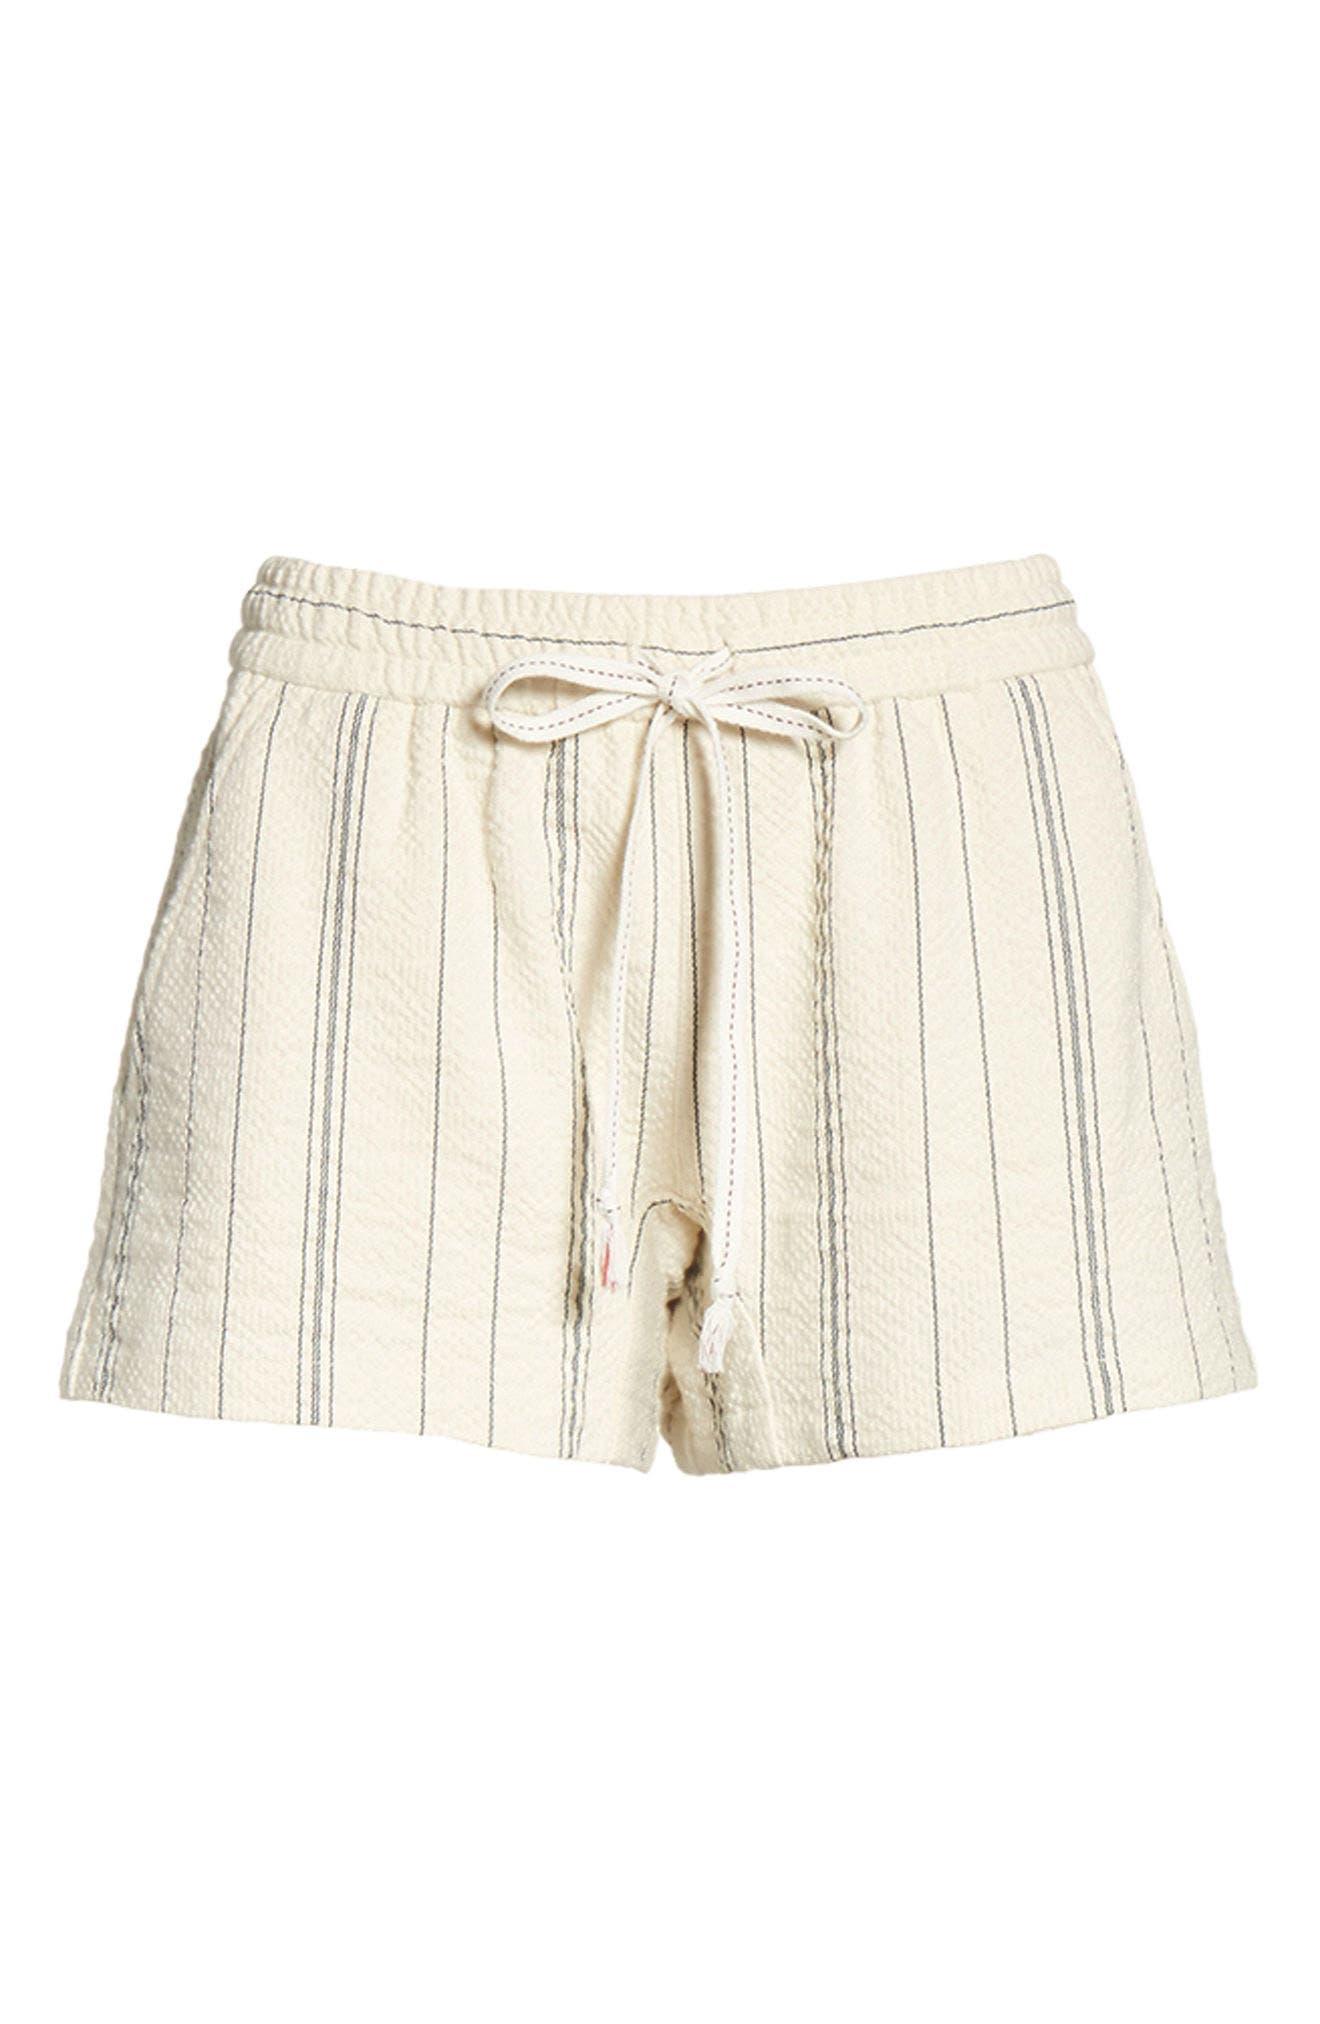 Stripe Shorts,                             Alternate thumbnail 8, color,                             160